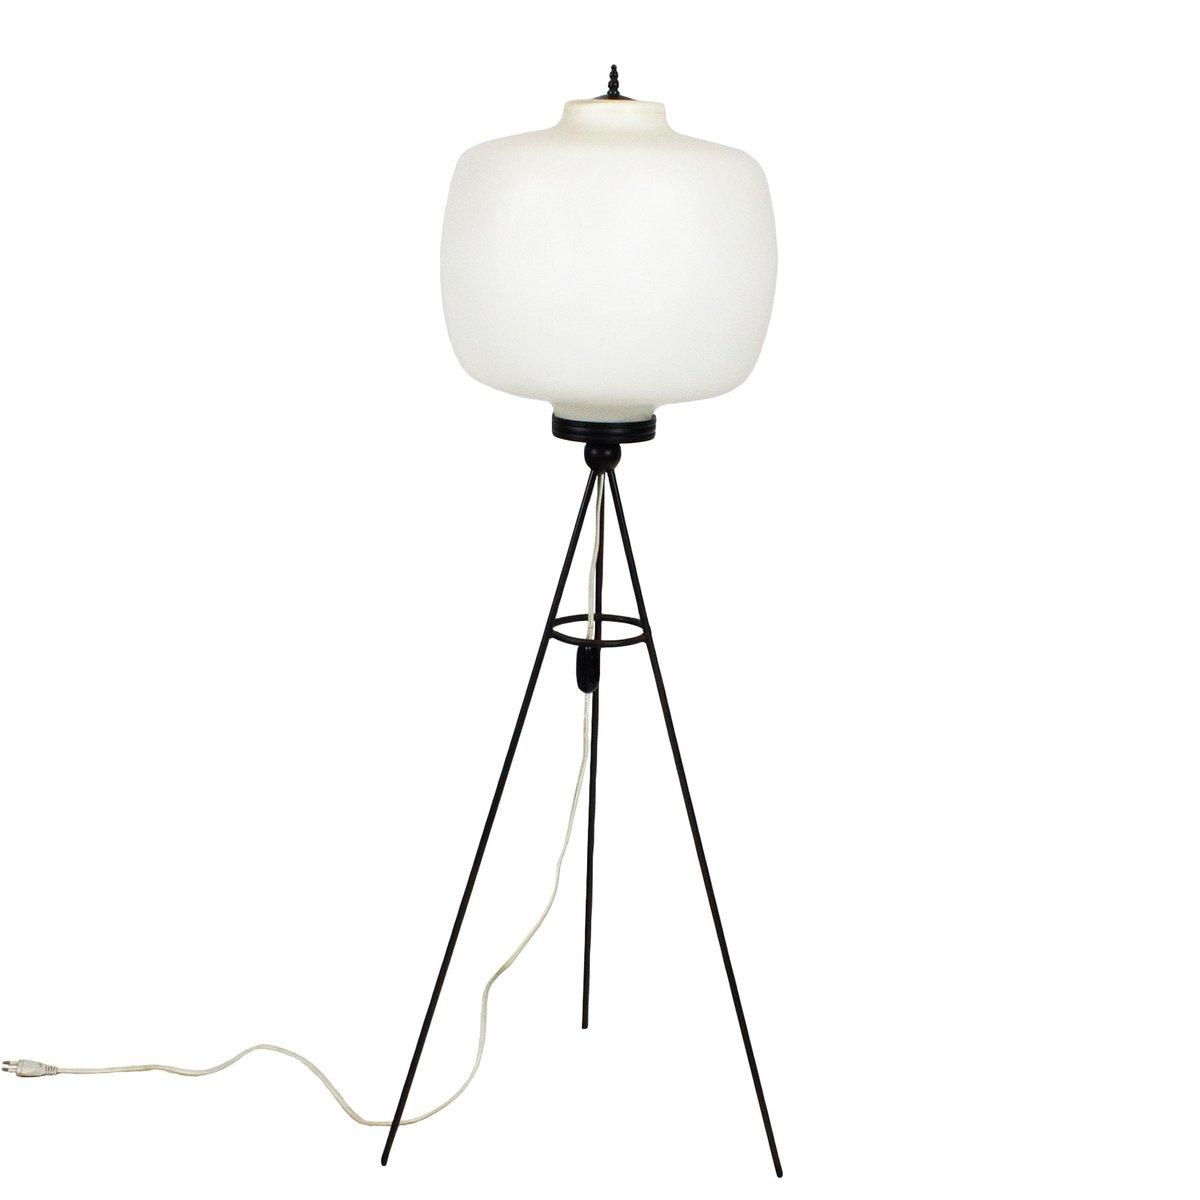 Italienische Dreibein Stehlampe, 1960er